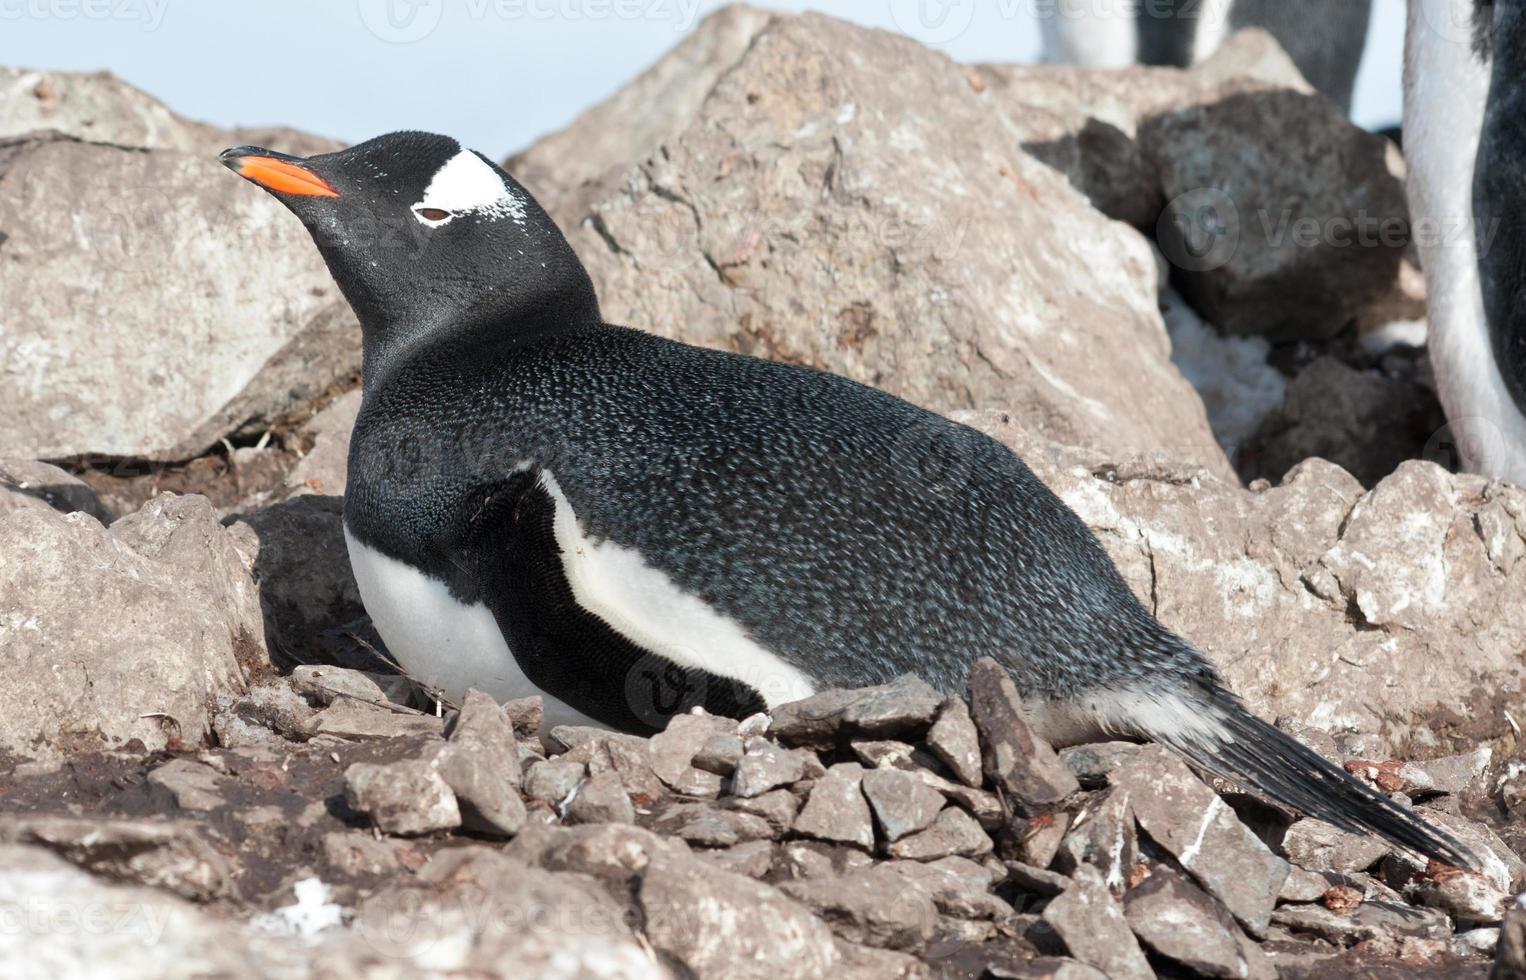 Ezelspinguïn vrouw zittend op het nest. foto